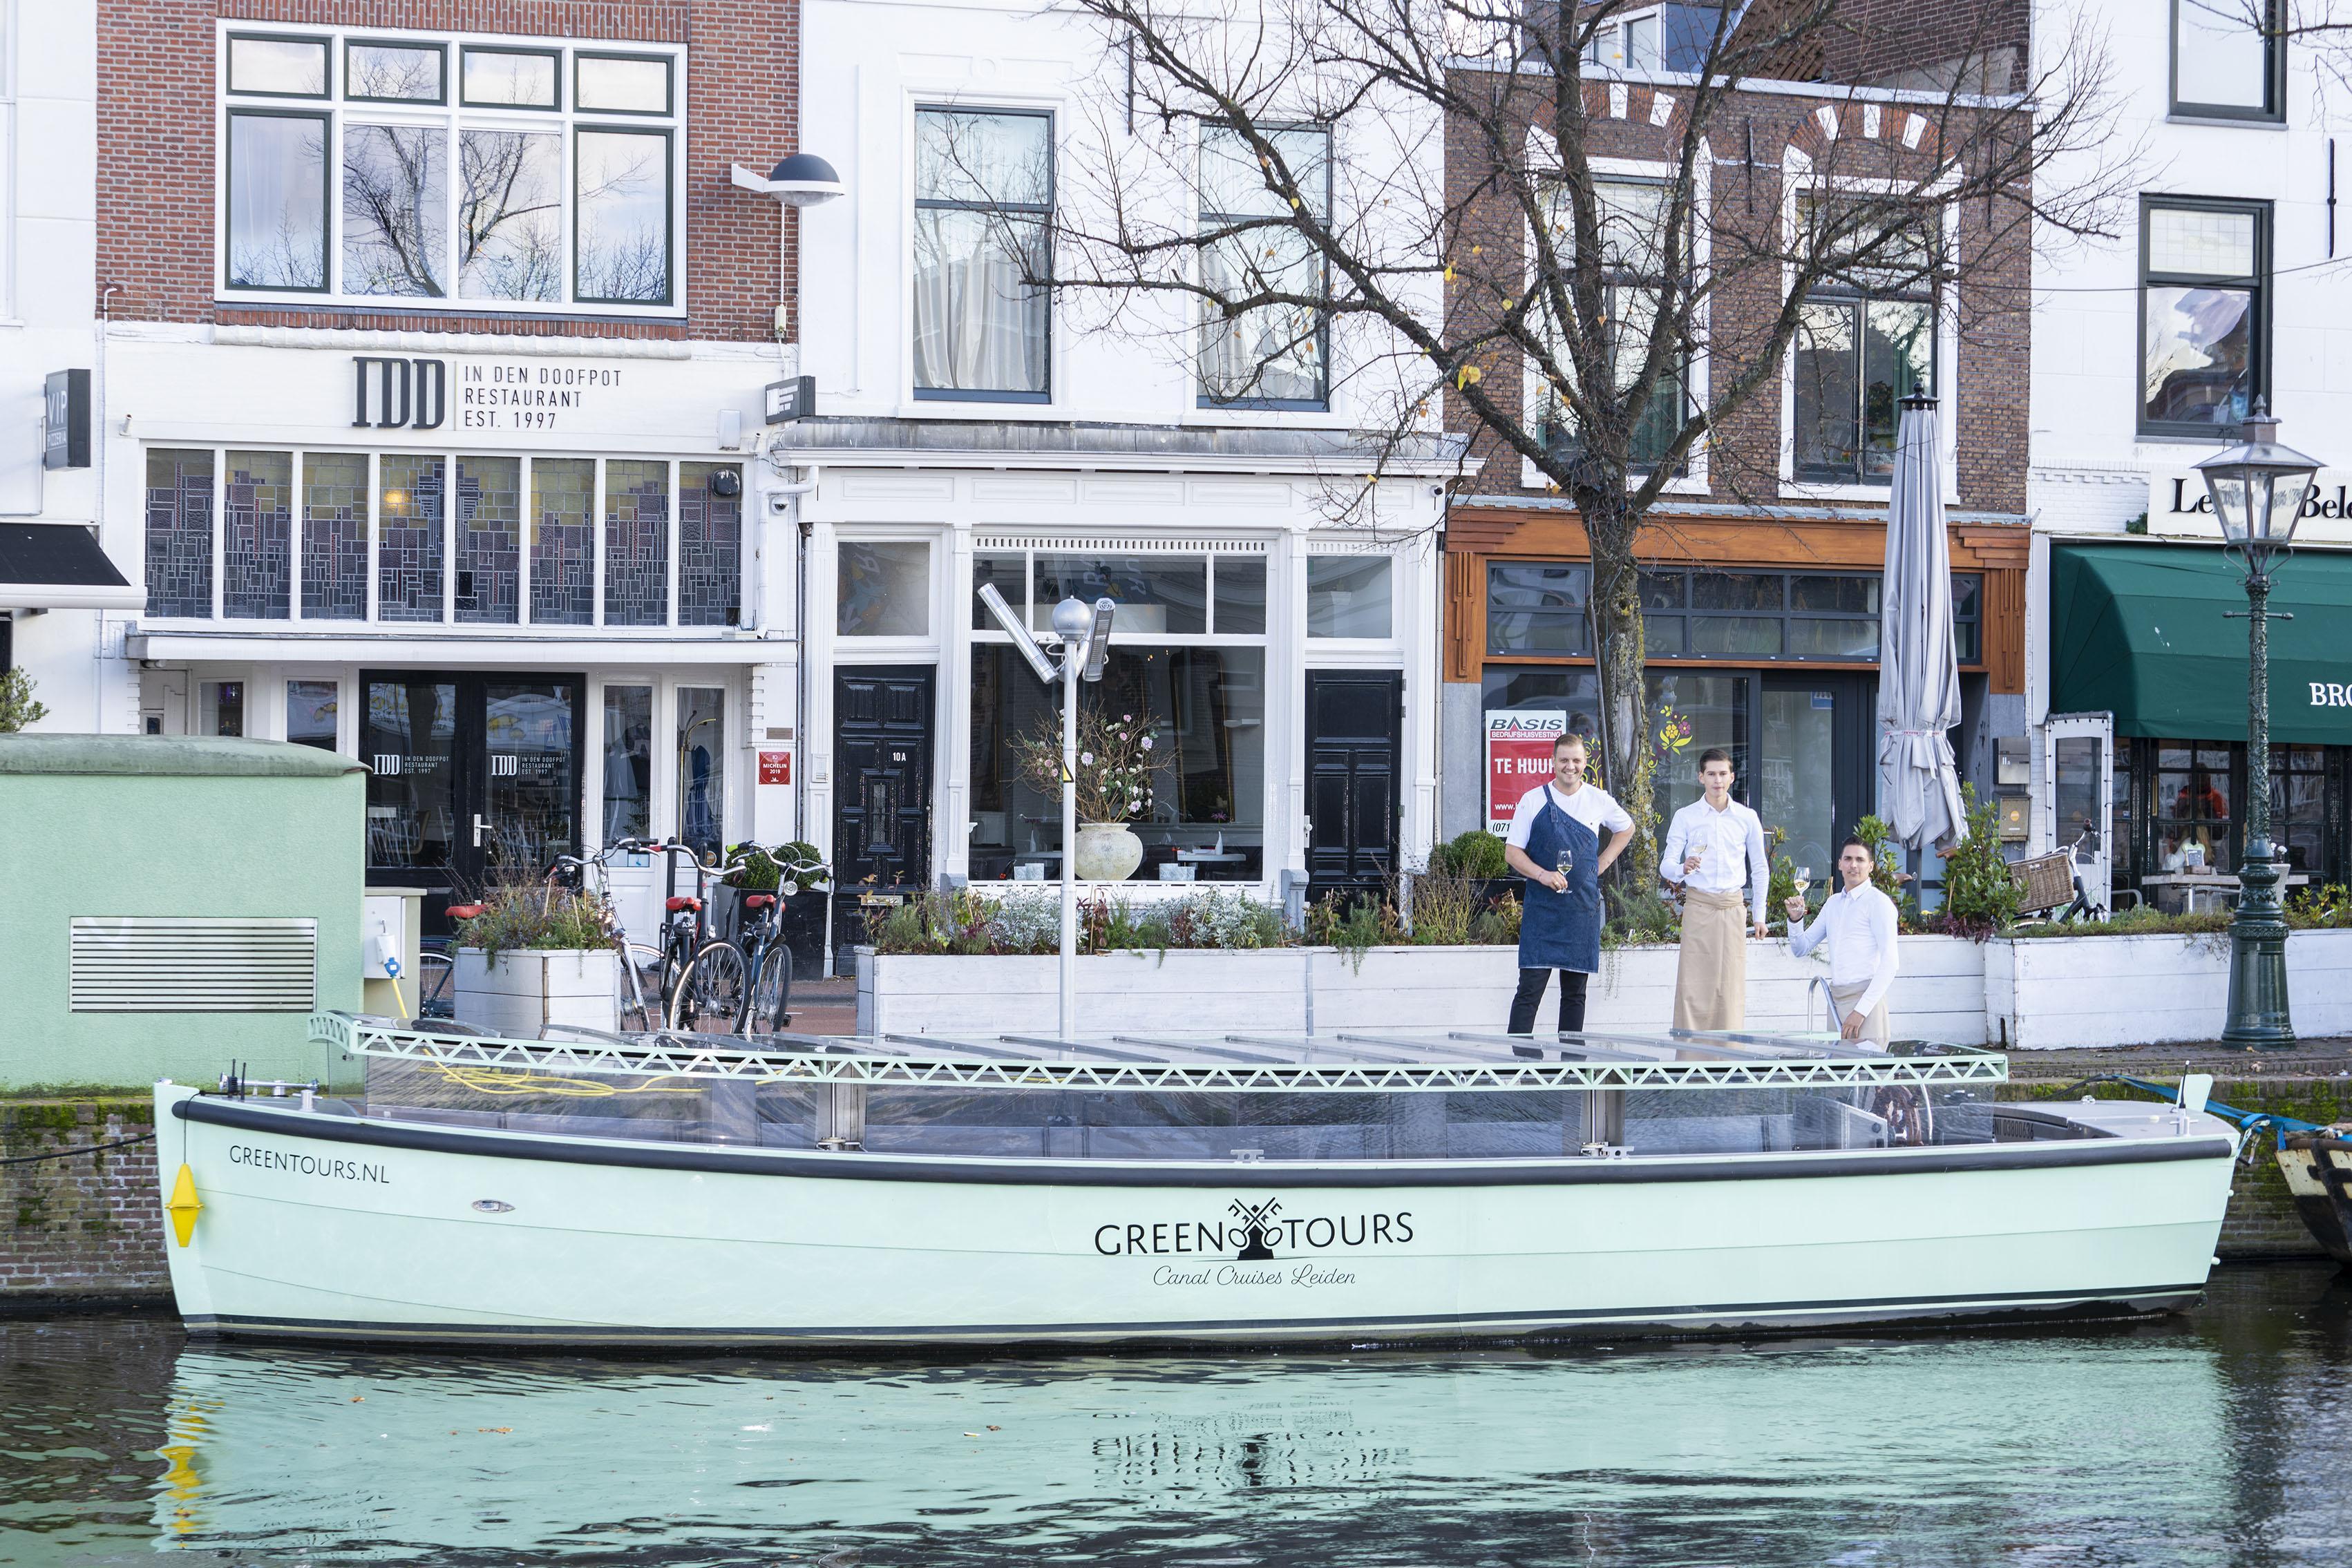 Drie gestage stijgers in de Lekker top 500: In den Doofpot in Leiden, LaTour in Noordwijk en Plantage 87 in Oude Wetering